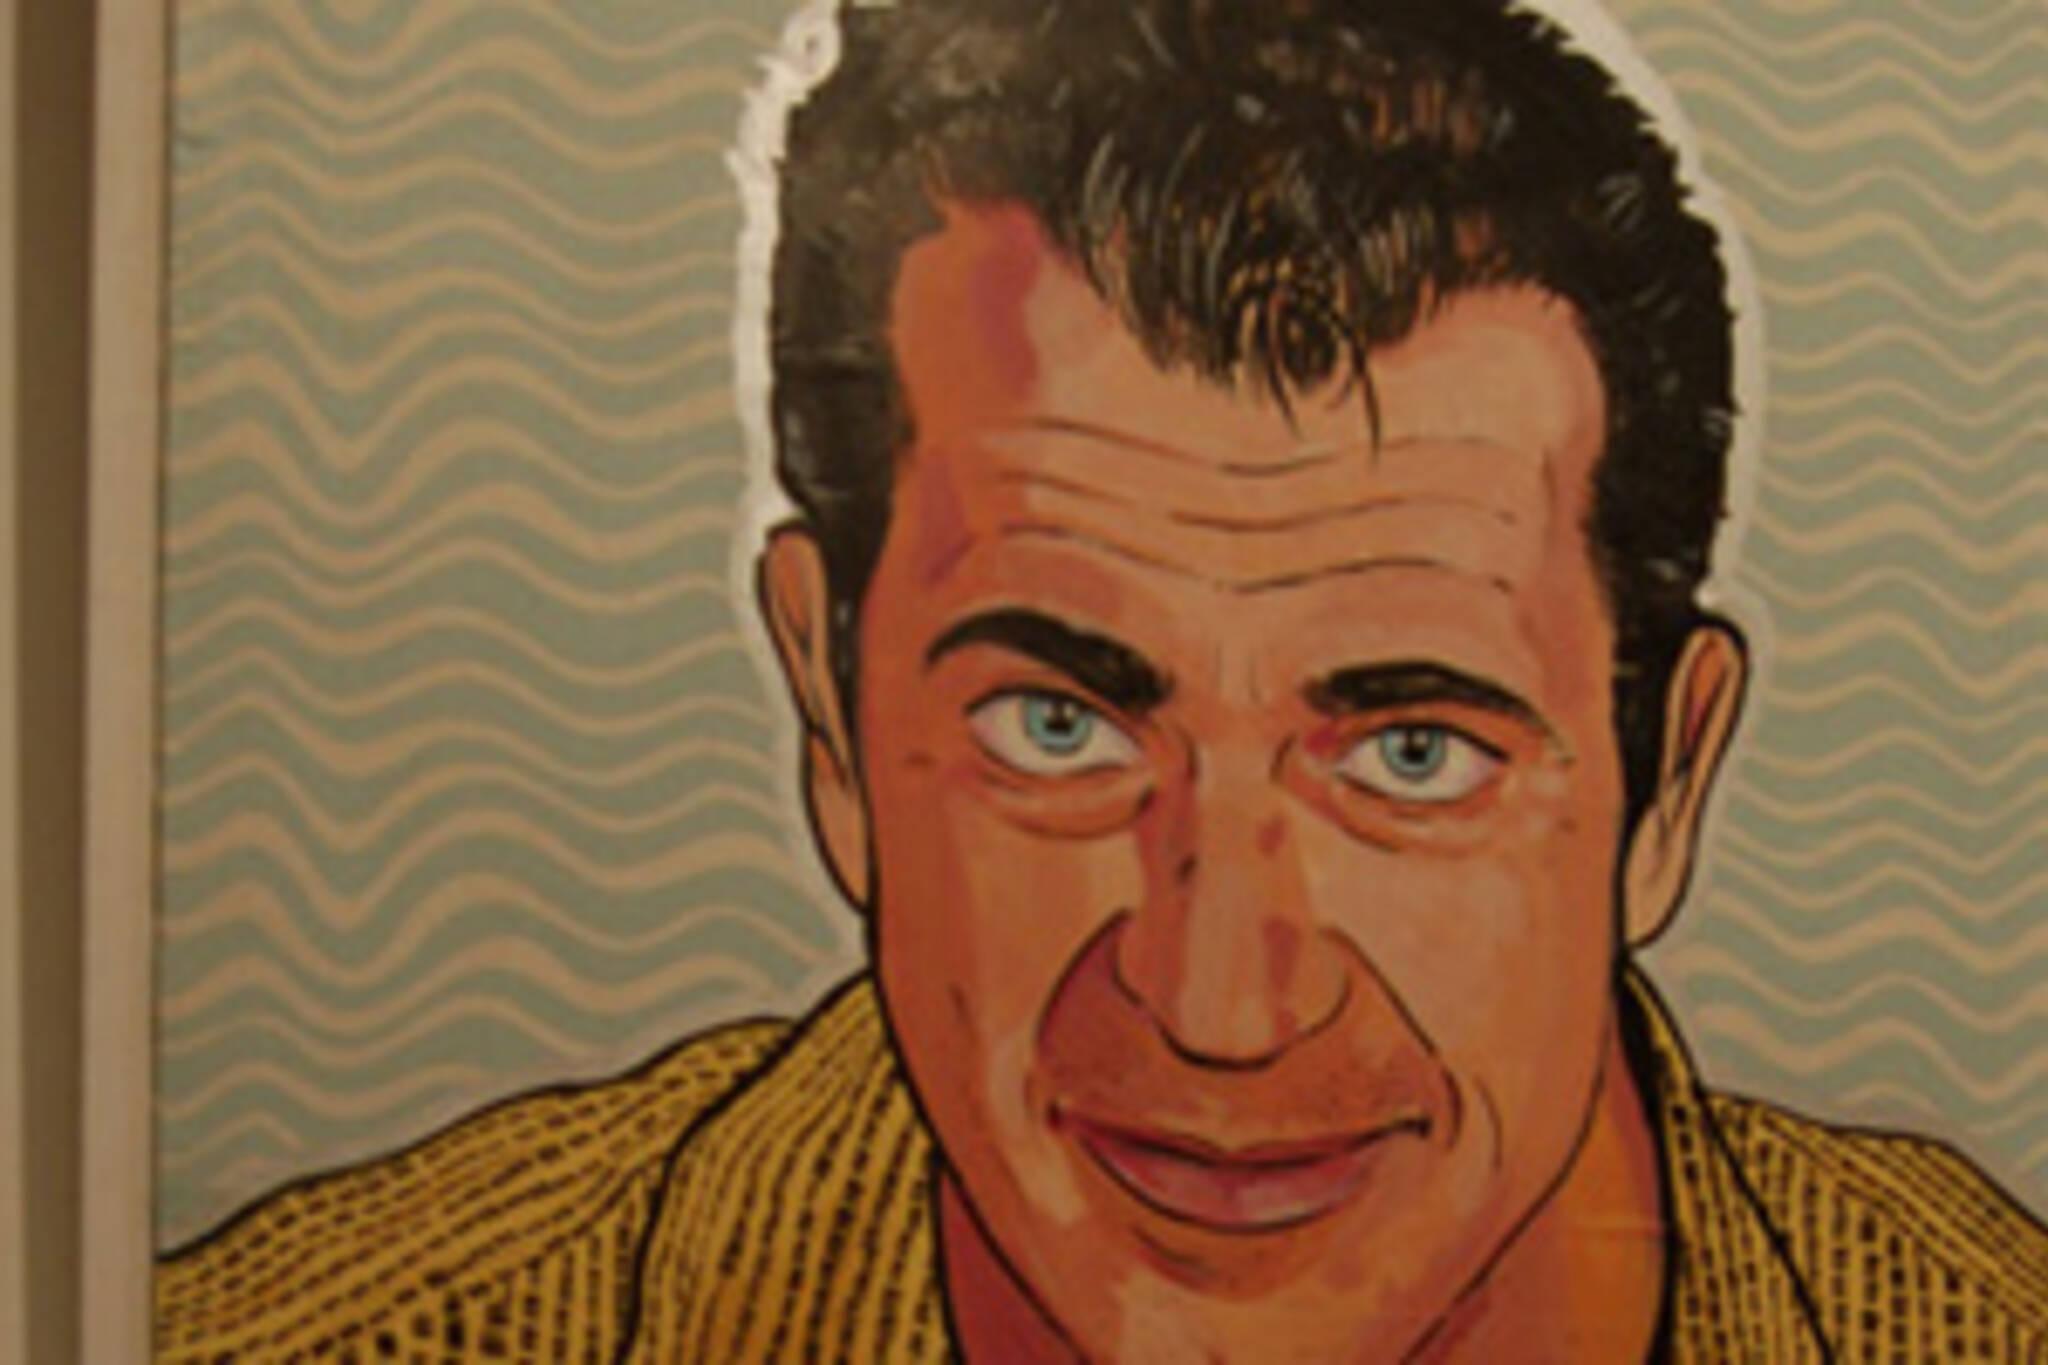 Mel Gibson mug shot @ Whipper Snapper Gallery